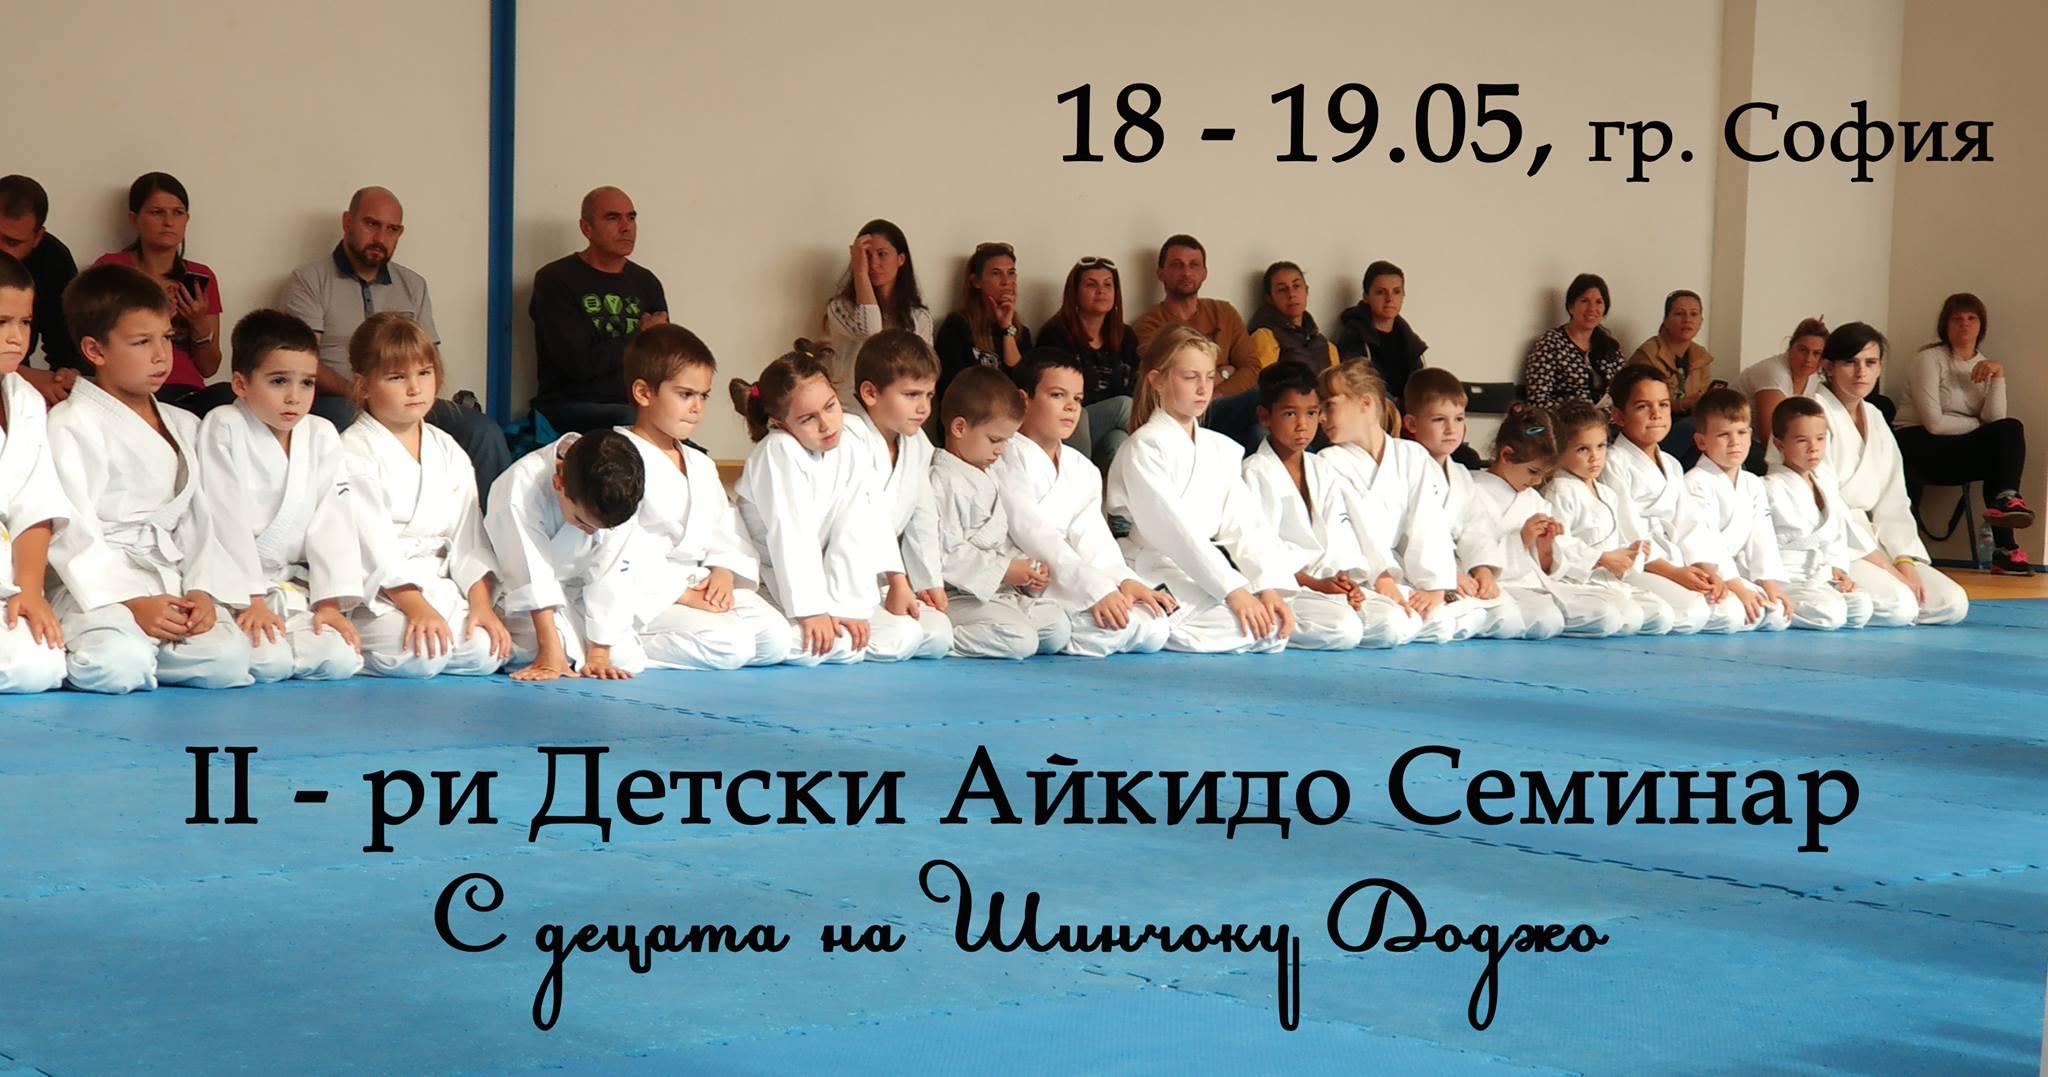 Деца ще обменят опит на Айкидо семинар през уикенда в София